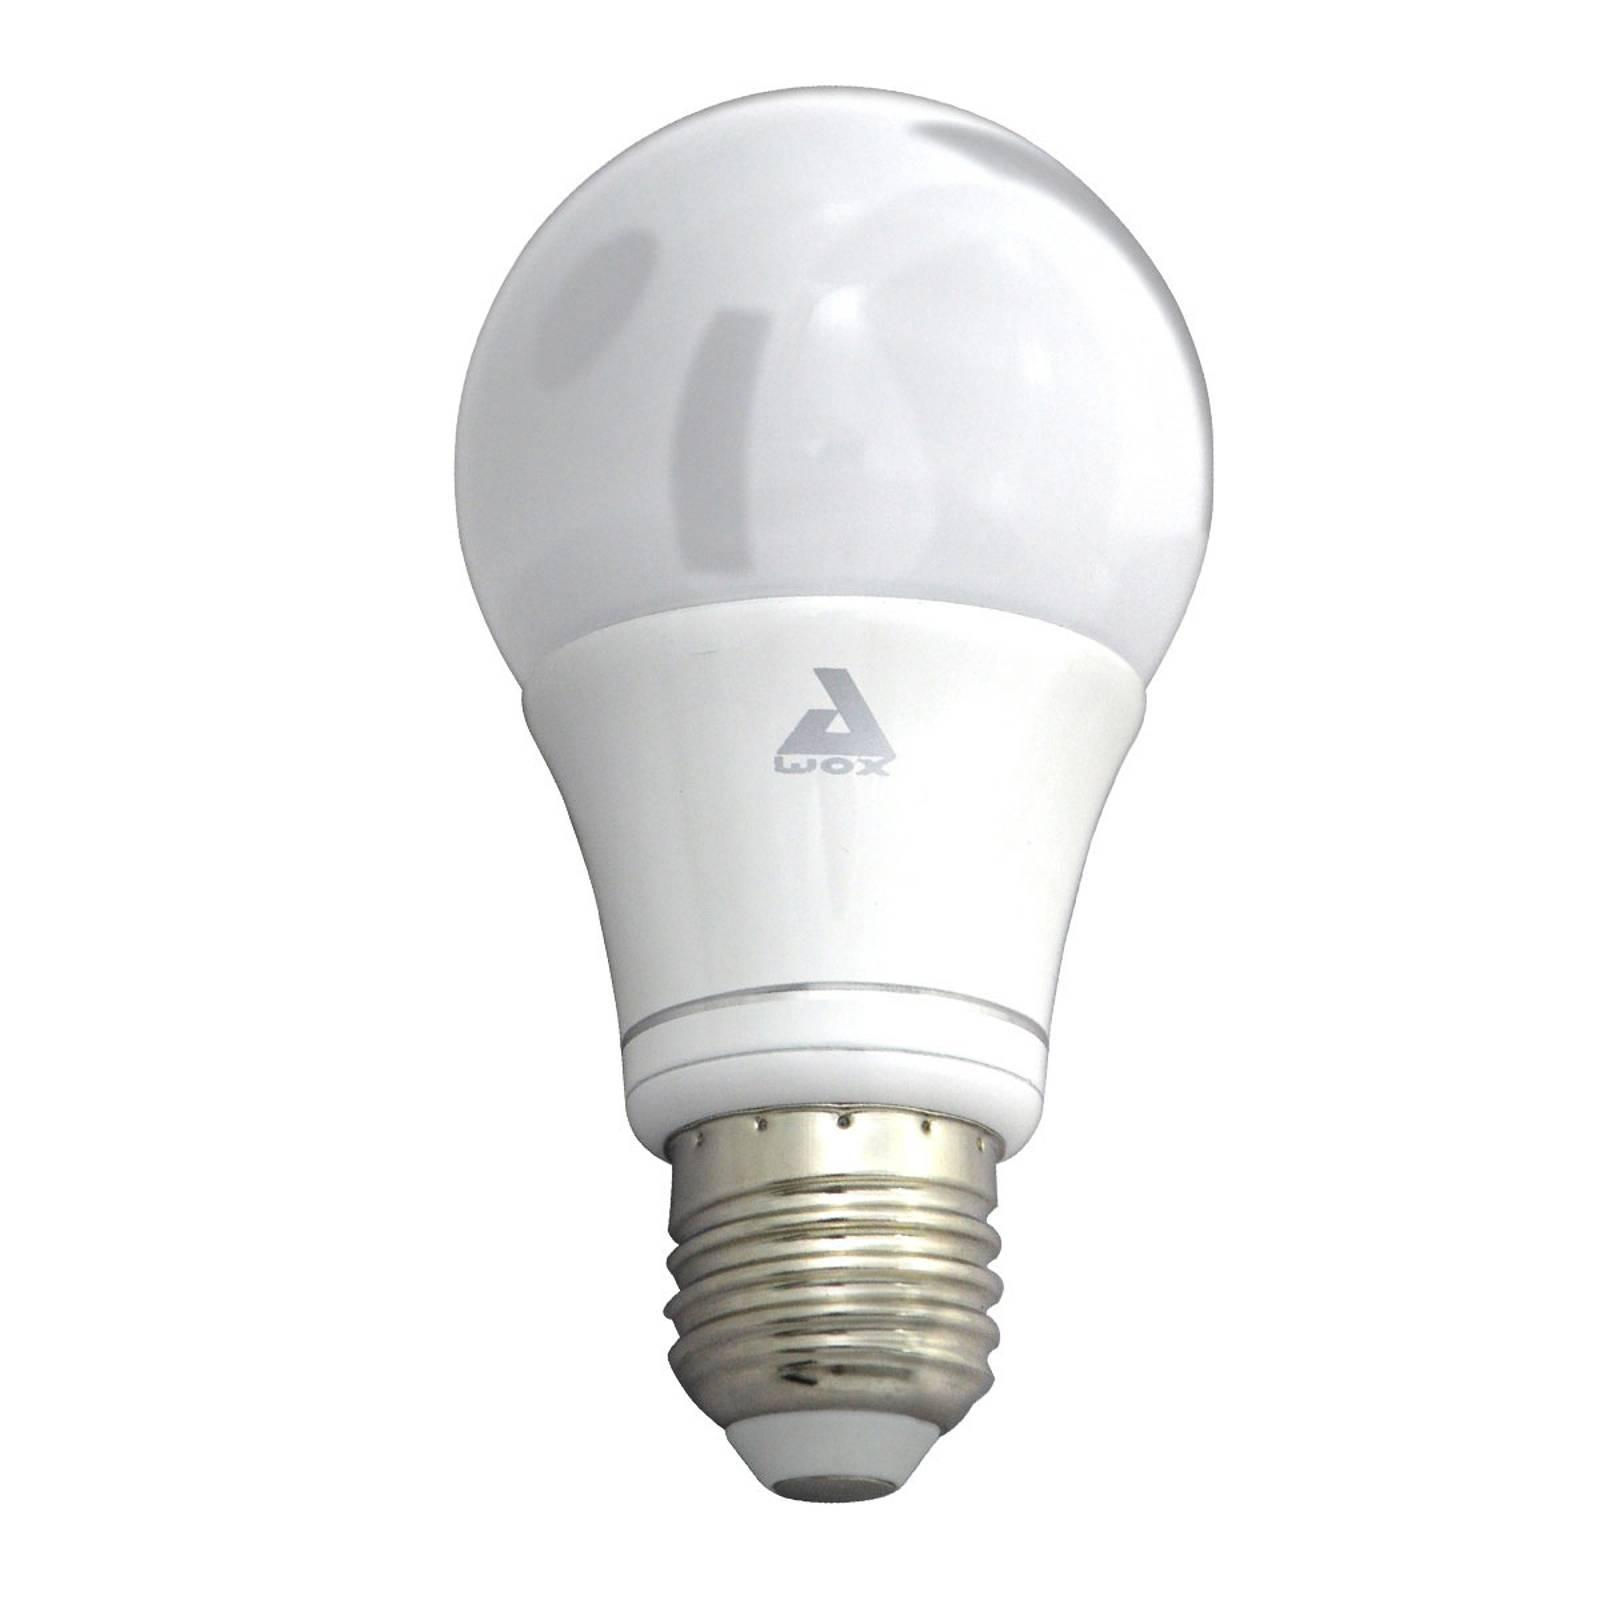 AwoX Smart -LED-lamppu E27, 2 700 - 6 000 K, 9 W